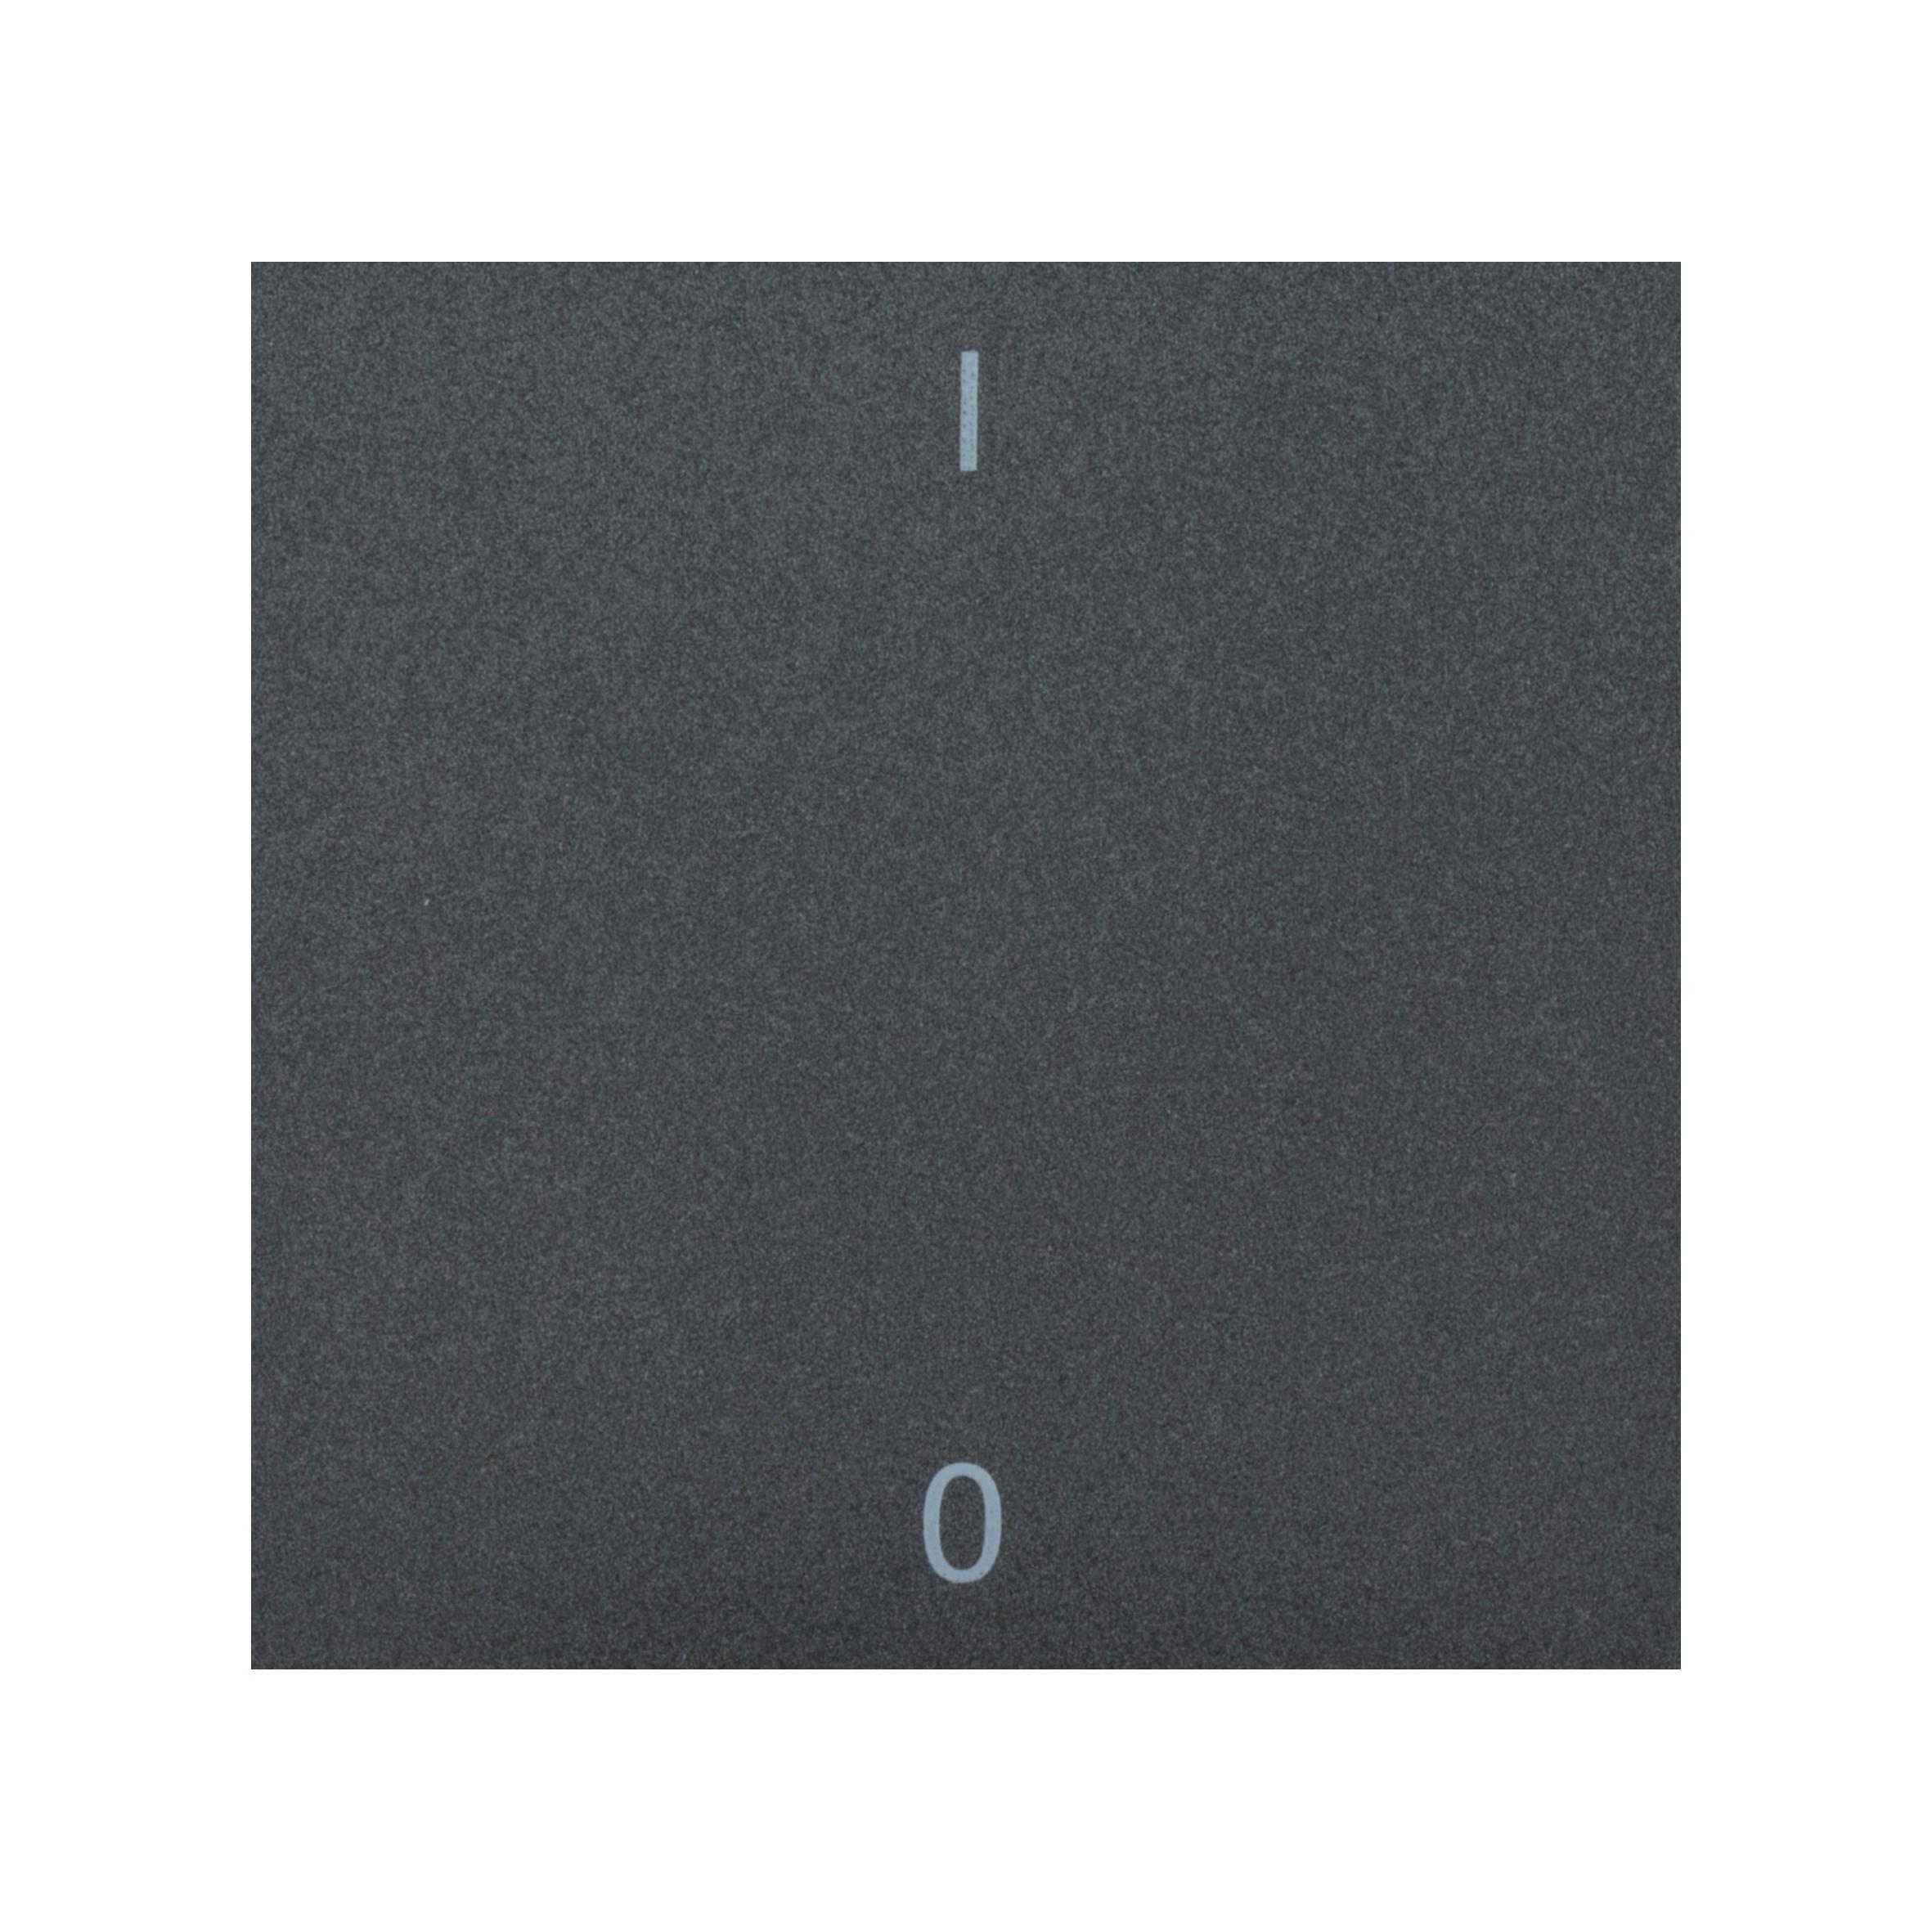 1 Stk Wippe mit Symbol EIN/AUS, anthrazit EV112017--